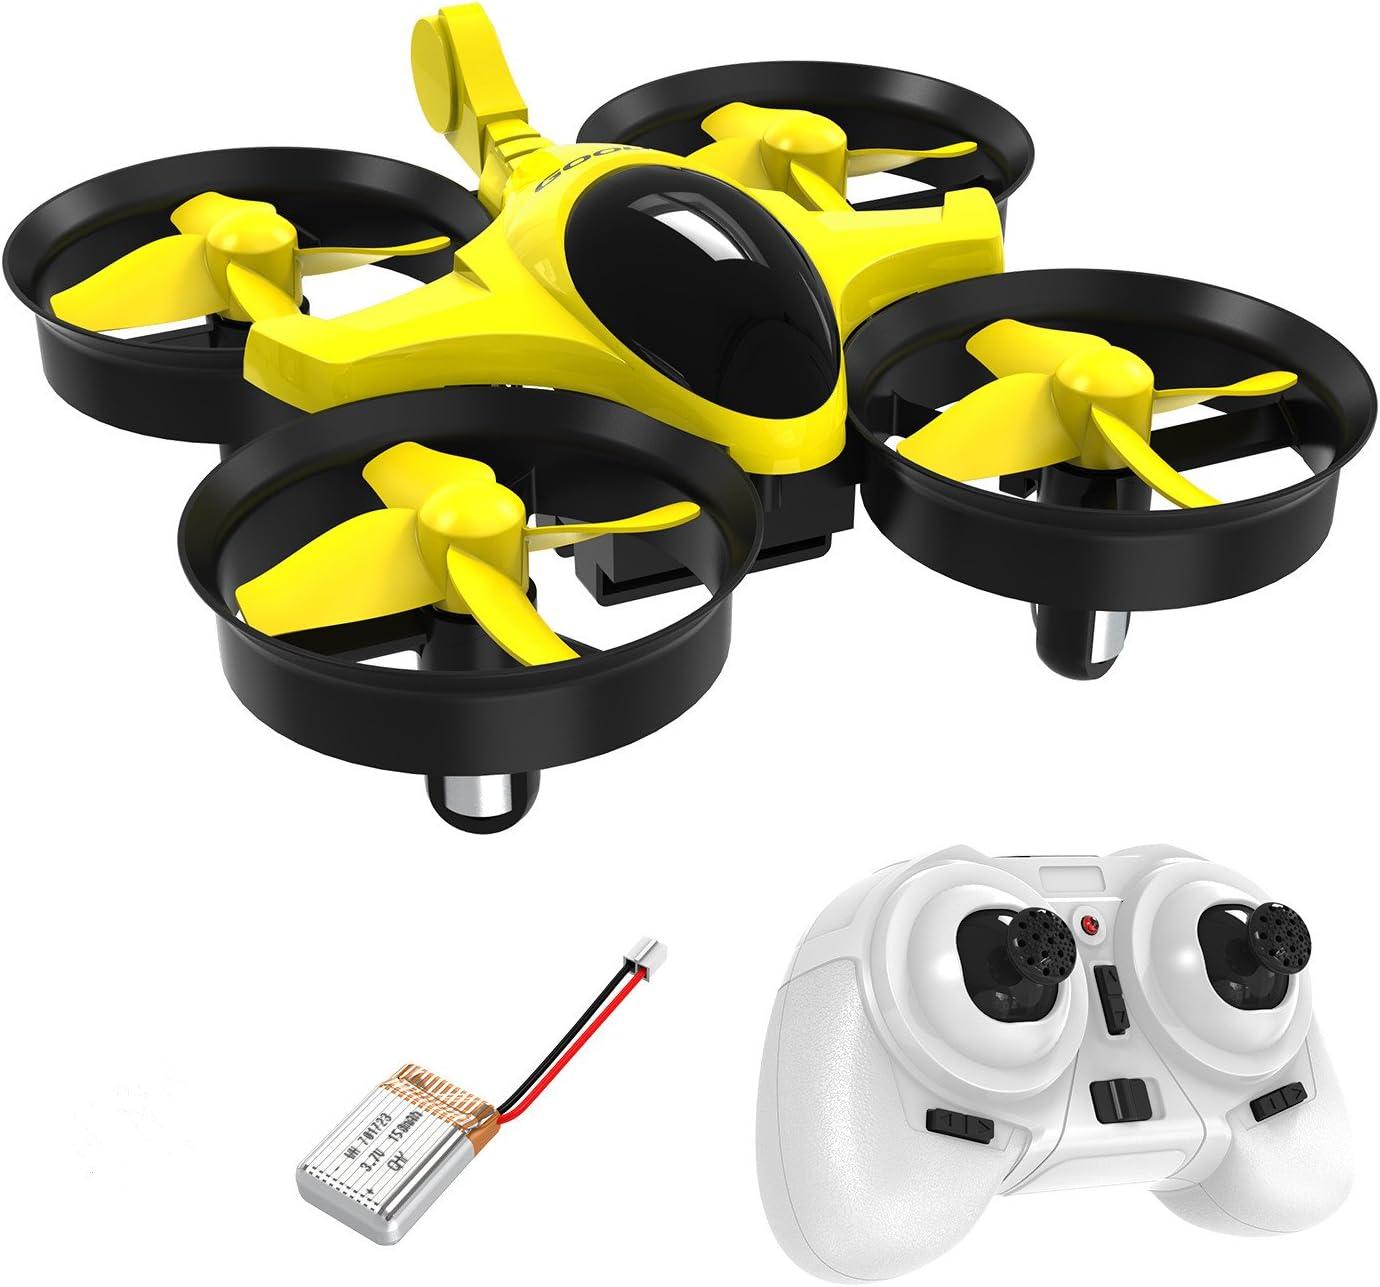 GoolRC Scorpion T36 2,4 G 4CH 6 assi giroscopio 3D-Flip antischiacciamento UFO RC Quadcopter RTF Drone Gran regali Giocattoli